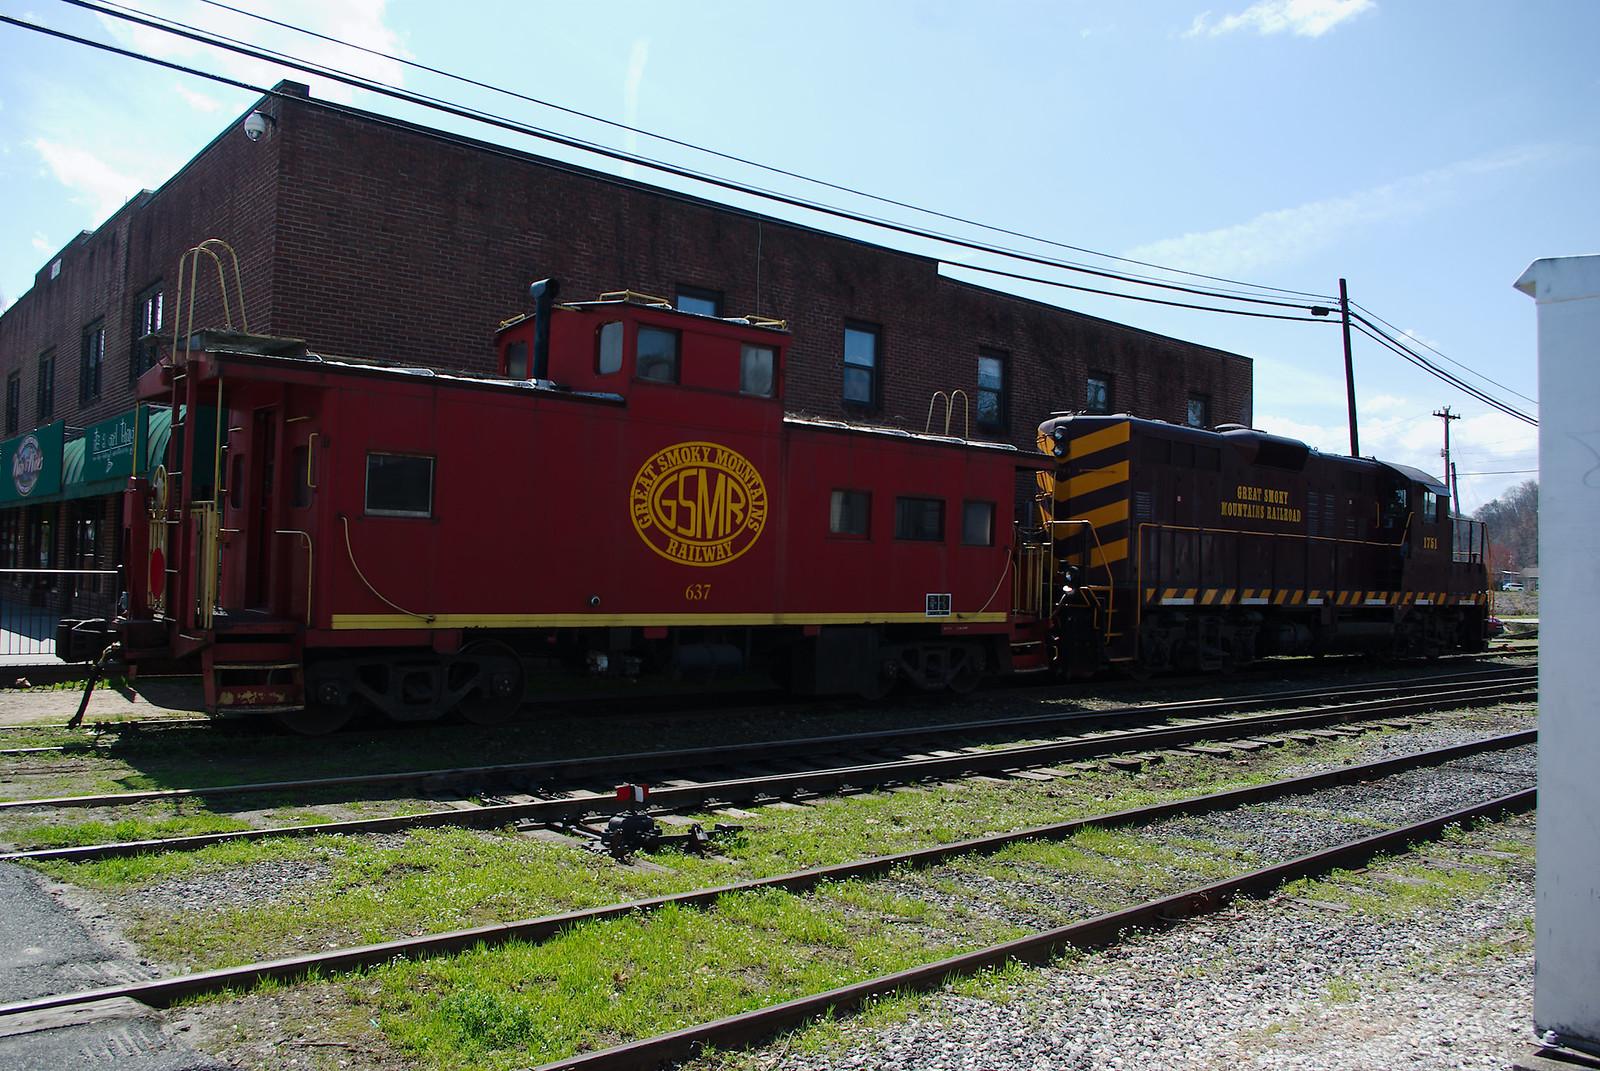 GSMR 1751 Locomotive and 637 Caboose